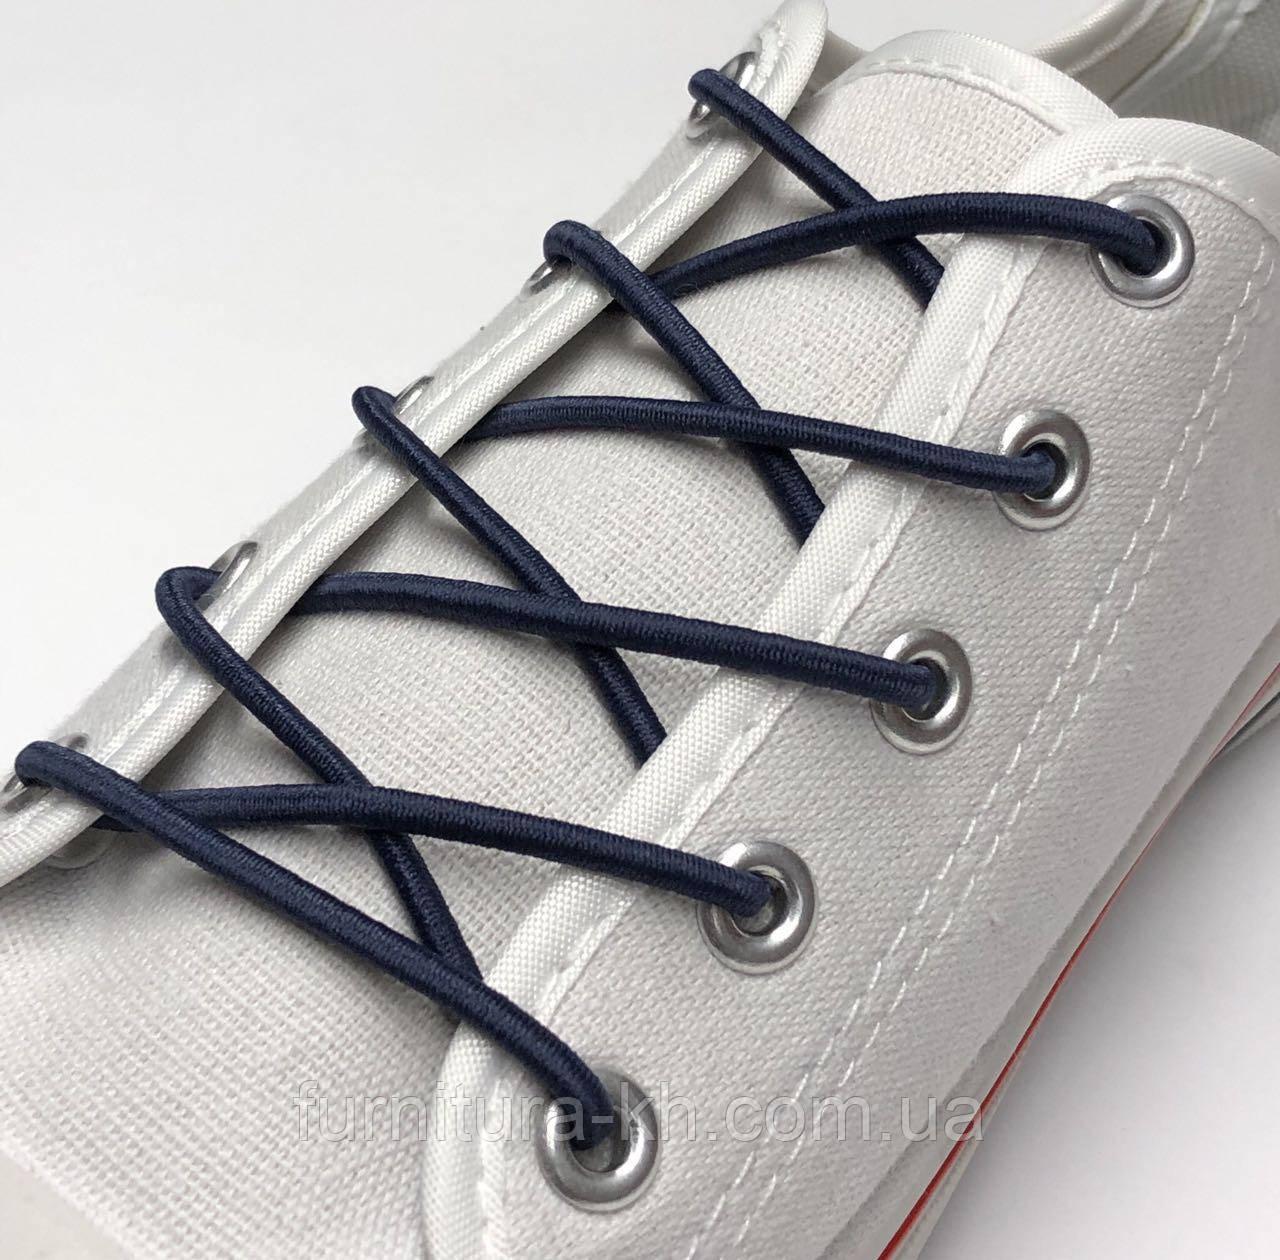 Шнурок Резиновый Круглый-Цвет Темно-Синий (толщина 3 мм).Длинна 0,80 см